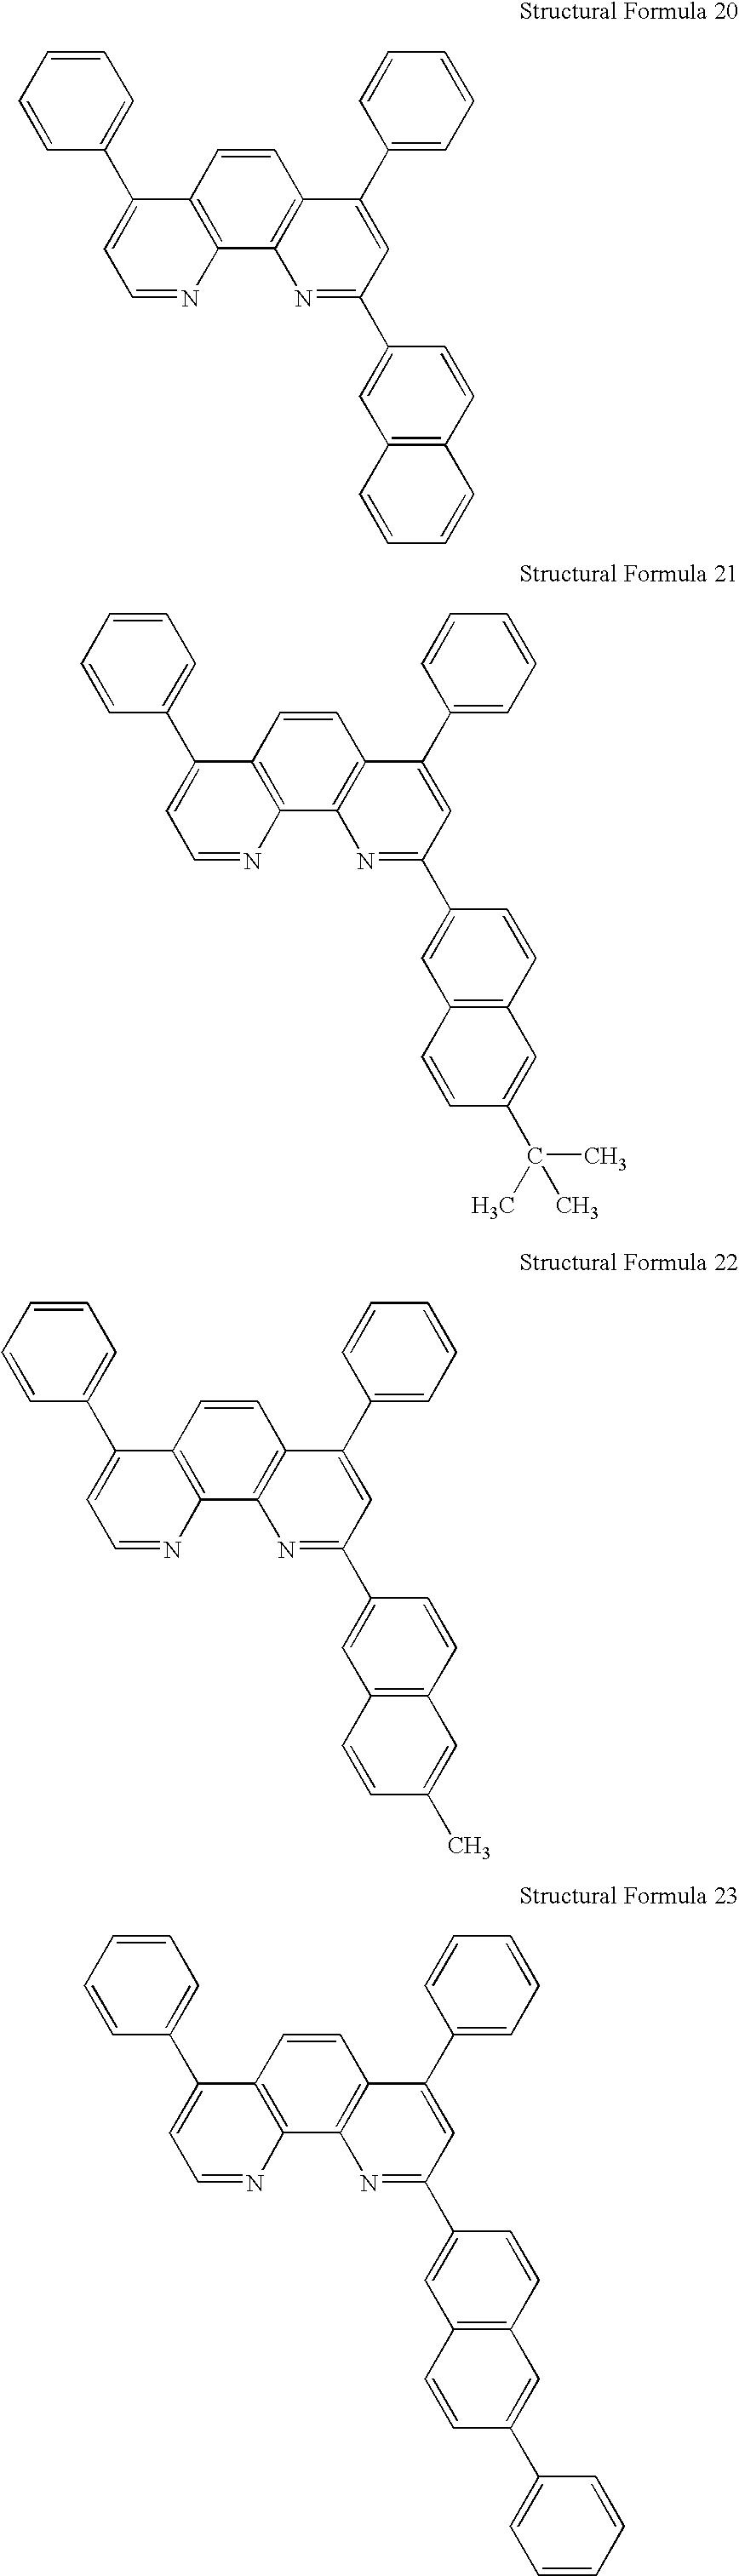 Figure US20070037983A1-20070215-C00013